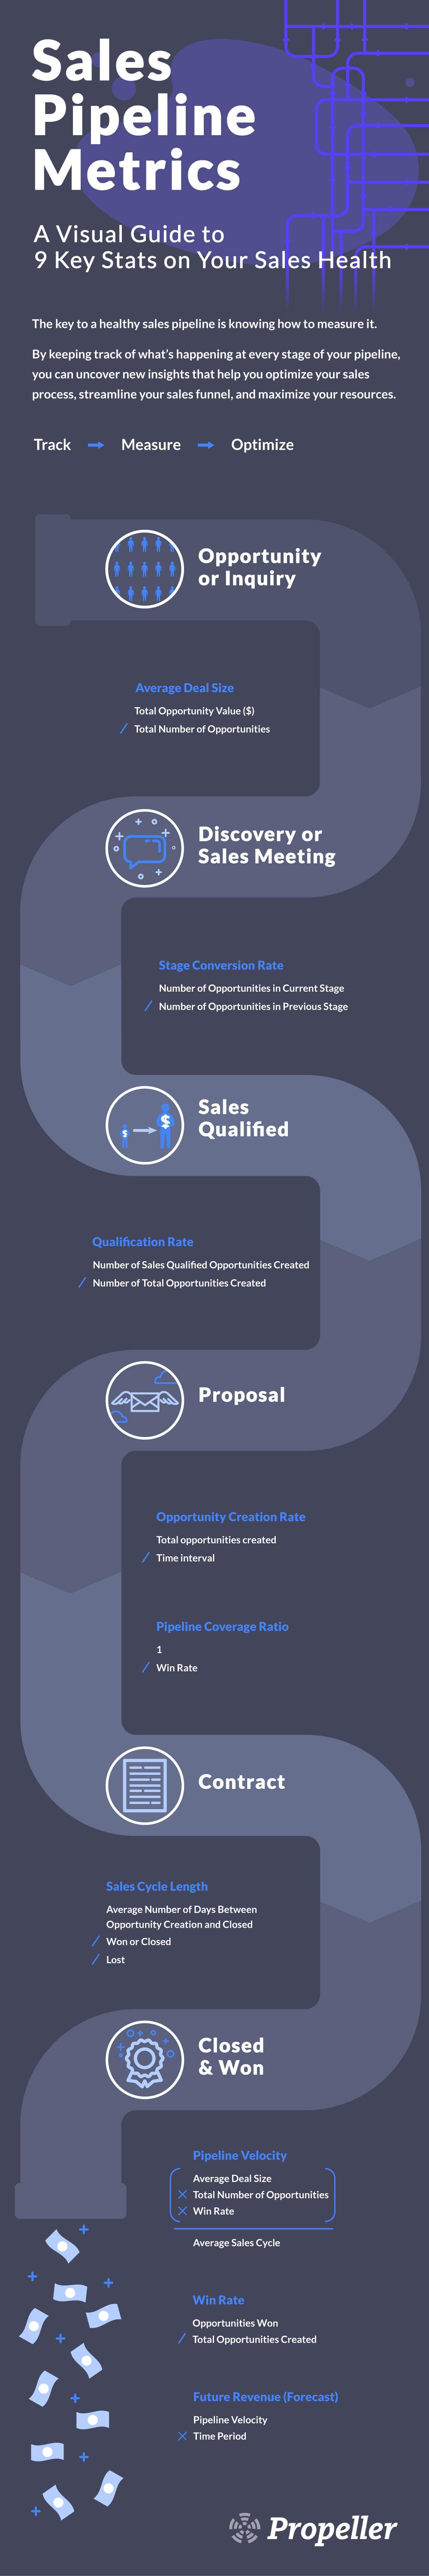 sales pipeline metrics infographic